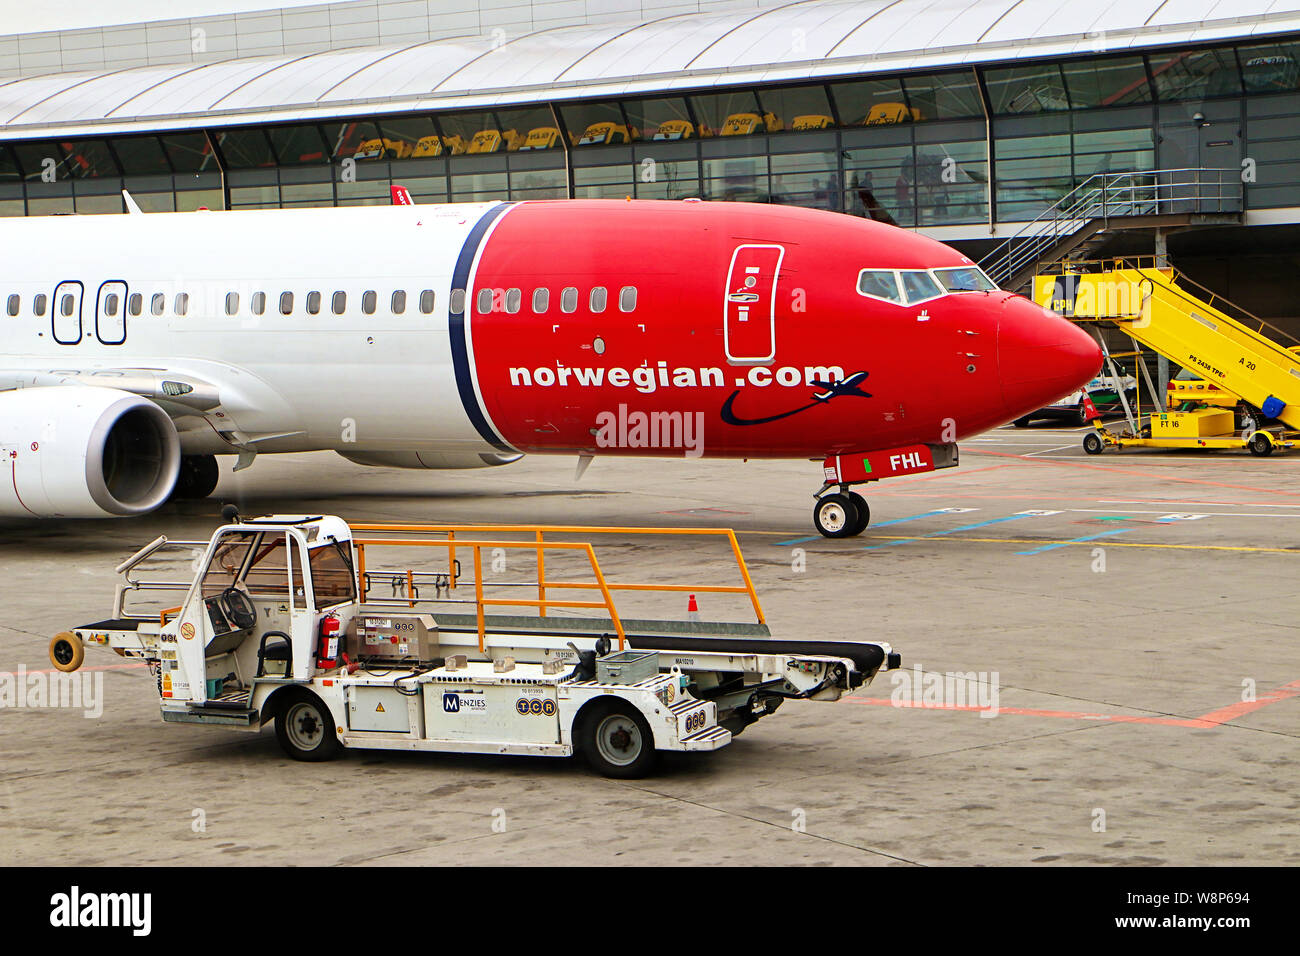 Copenhague, Danemark - 16 juin 2019 l'aéroport international de Copenhague: un avion de la Norwegian AirLines vient d'arriver Banque D'Images